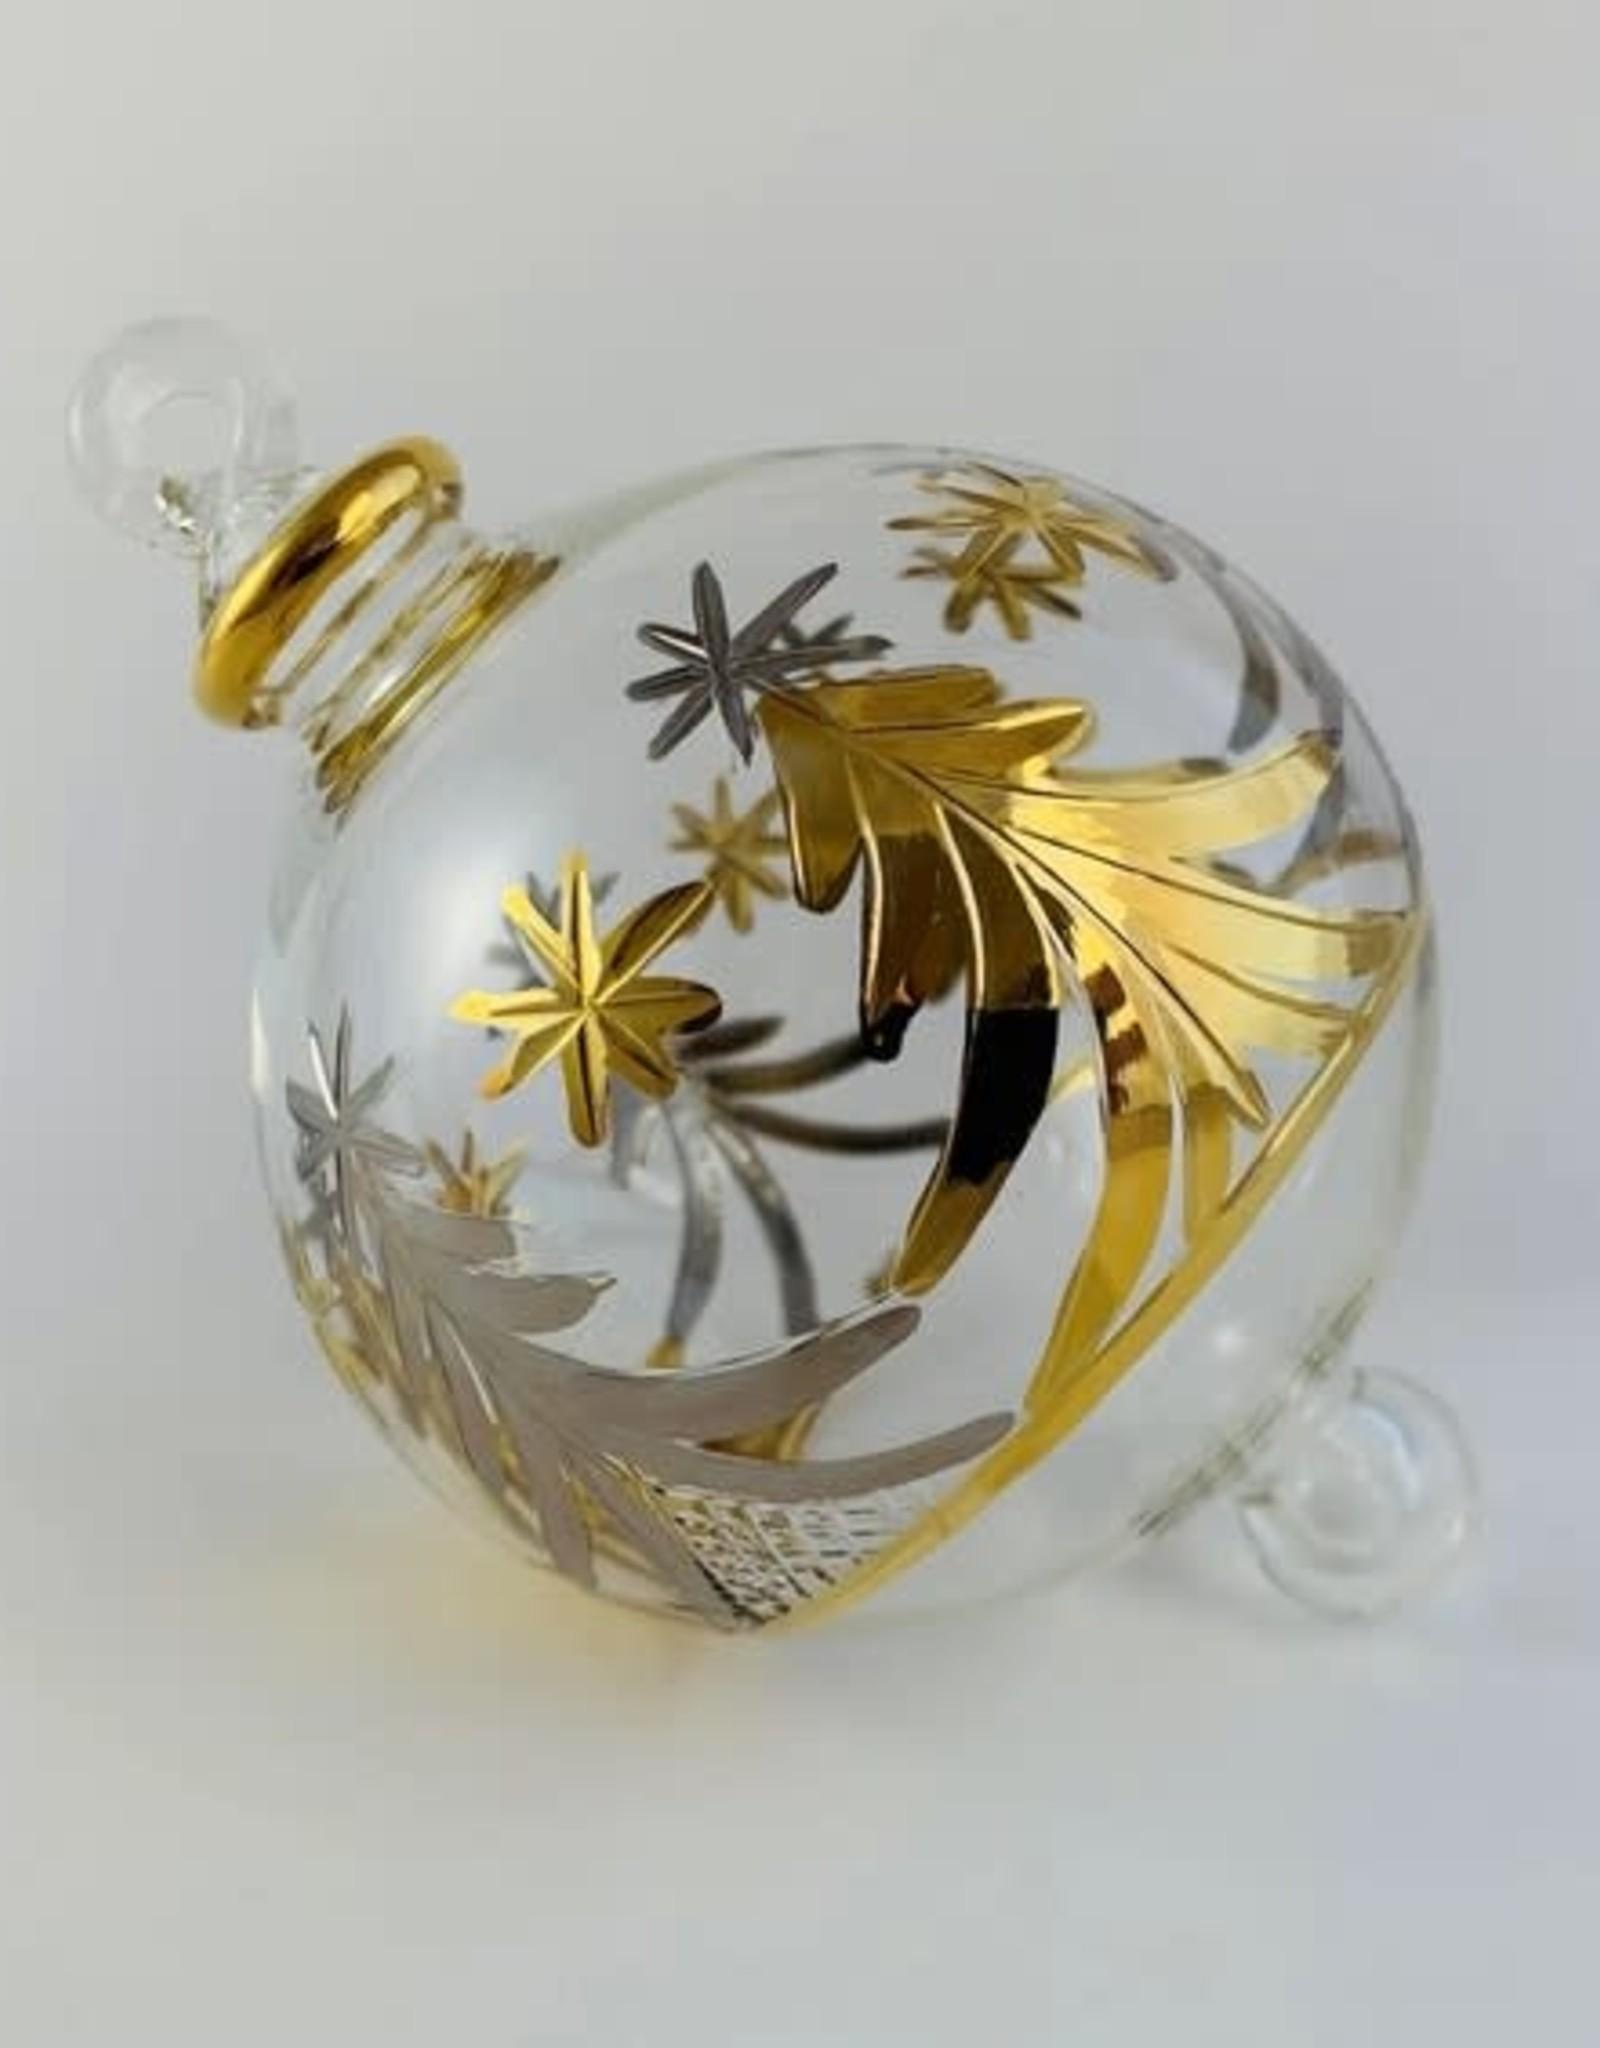 Dandarah Silver & Gold Ornament Hand Blown Glass - Egypt